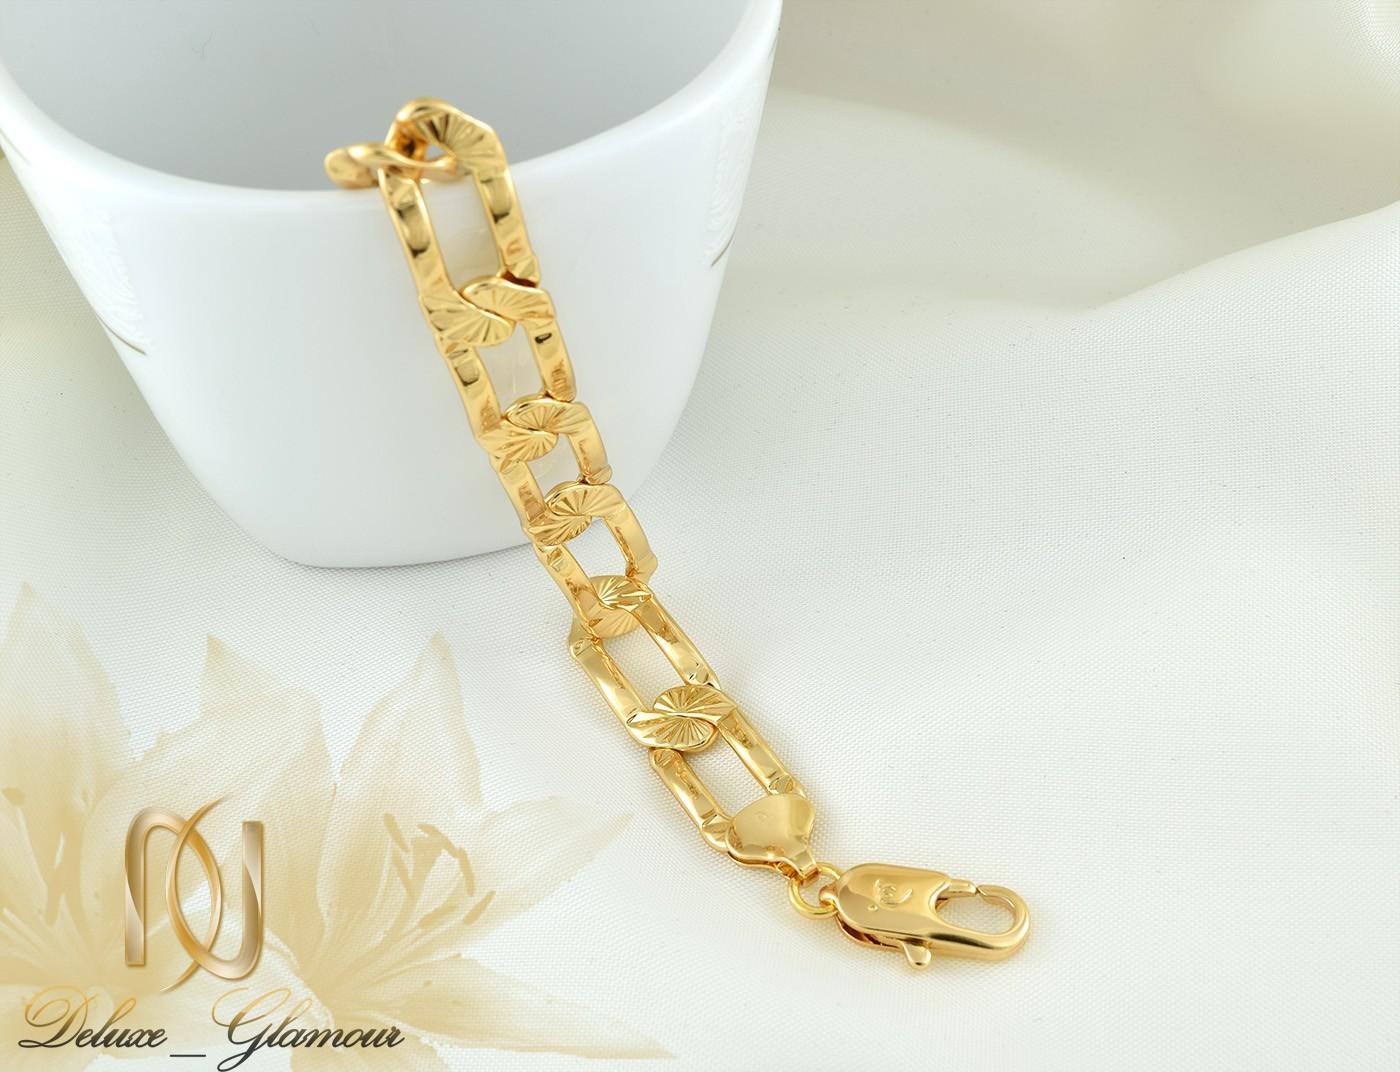 دستبند زنانه ژوپينگ طرح طلاي كارتيه DS-N260 از نماي كنار